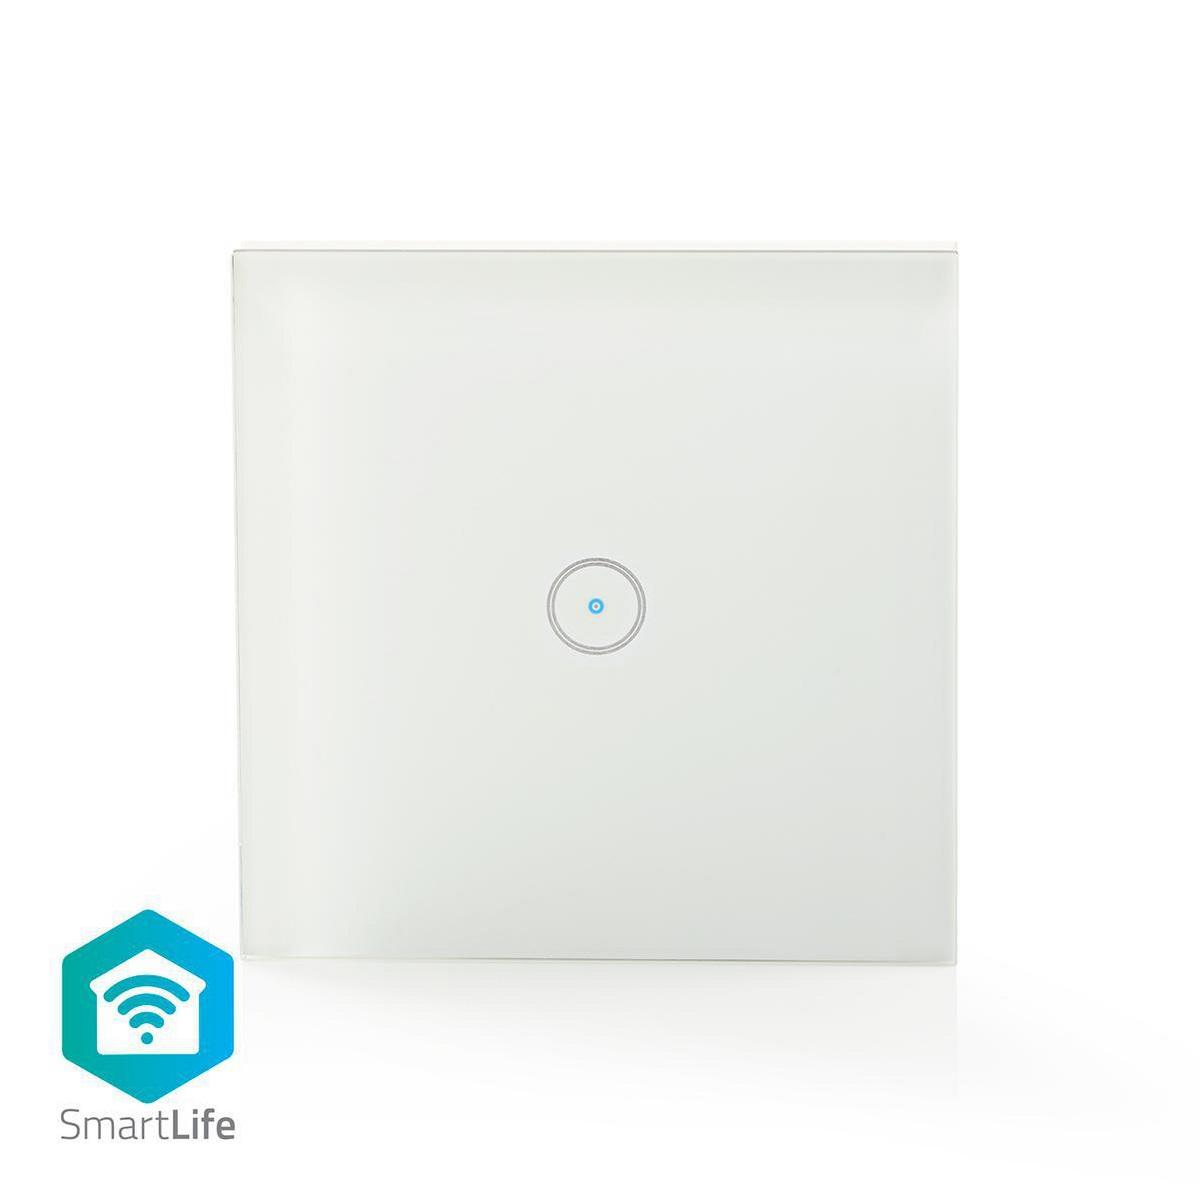 WiFi Smart ljusomkopplare